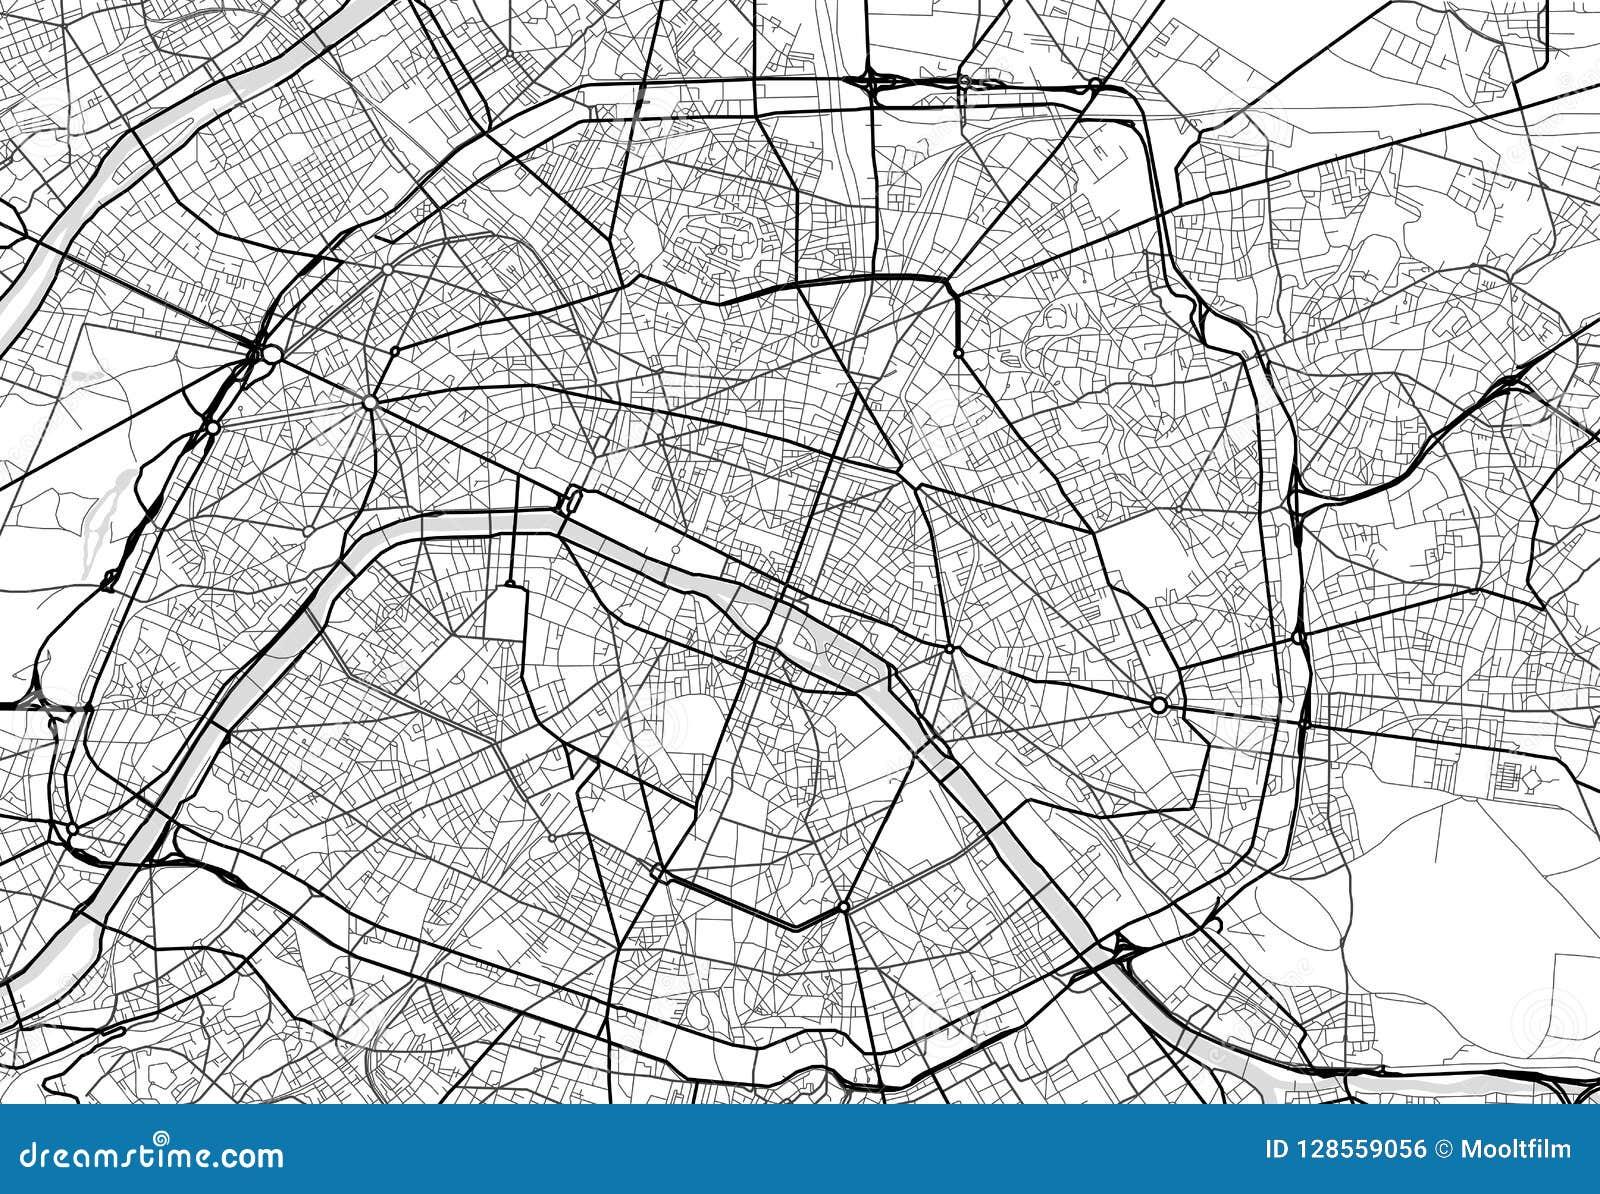 Cartina Politica Di Parigi.Mappa Della Citta Di Vettore Di Parigi In Bianco E Nero Illustrazione Vettoriale Illustrazione Di Orizzontale Disposizione 128559056